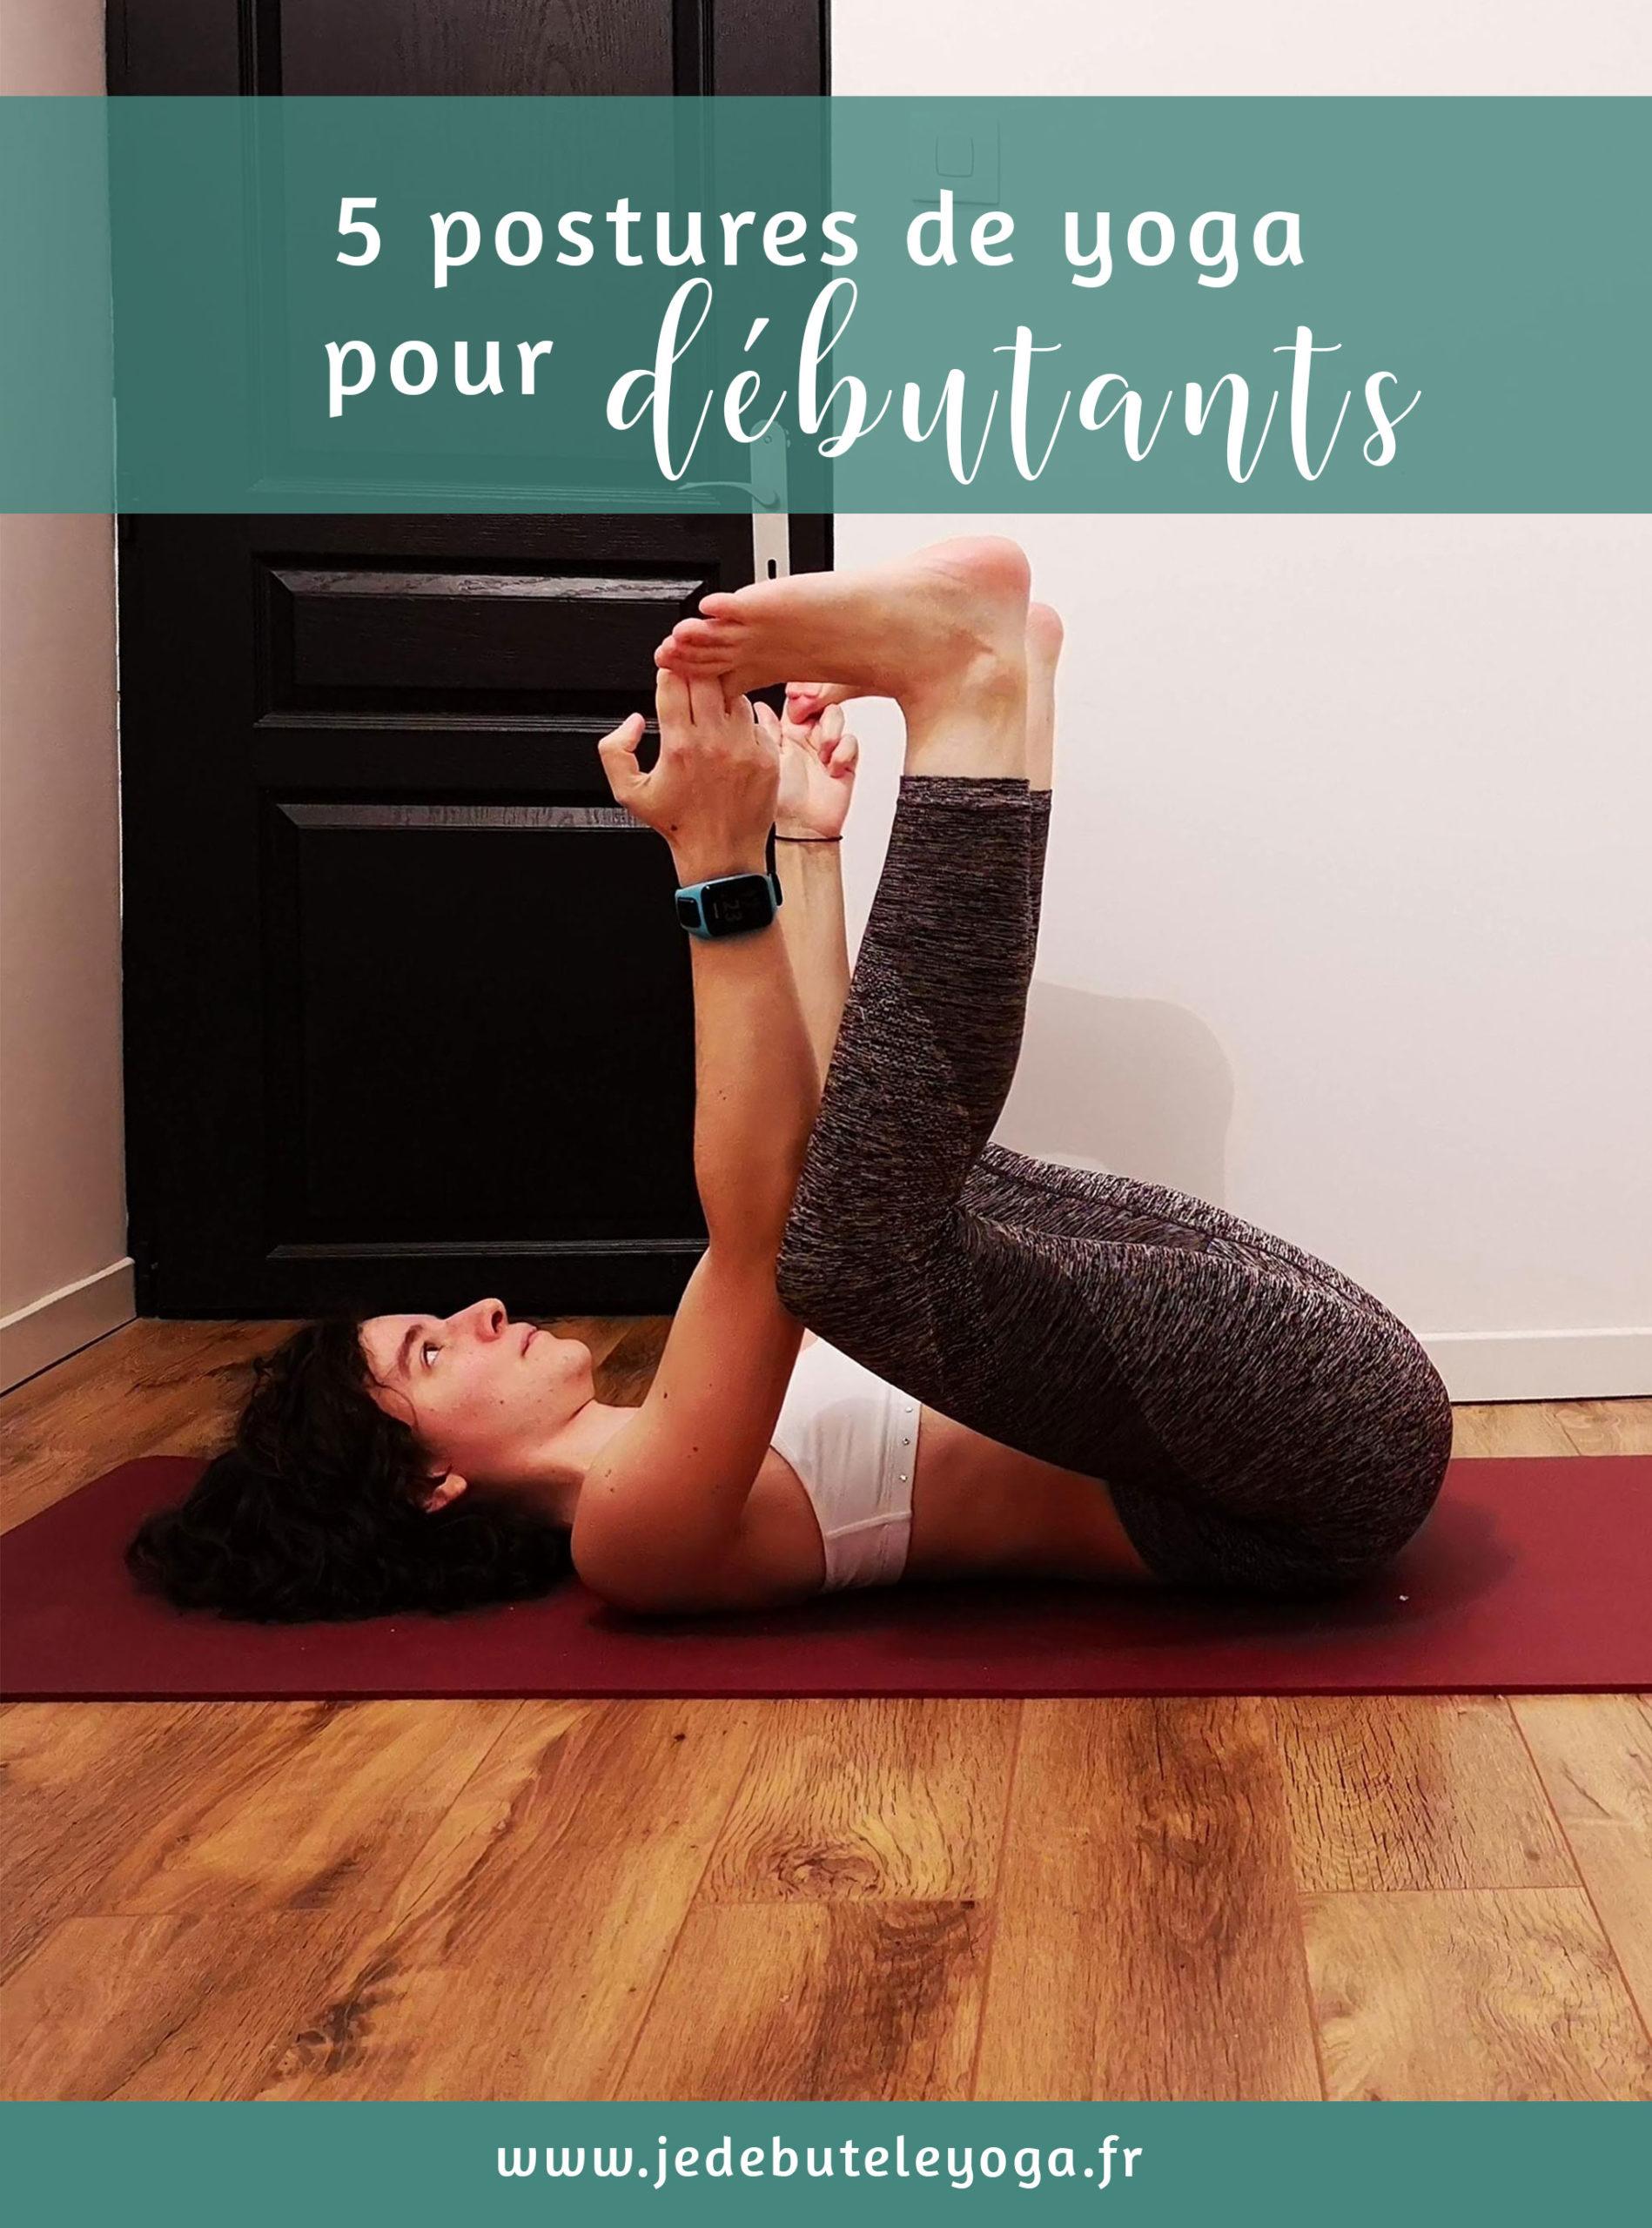 5 postures de yoga pour les grands débutants